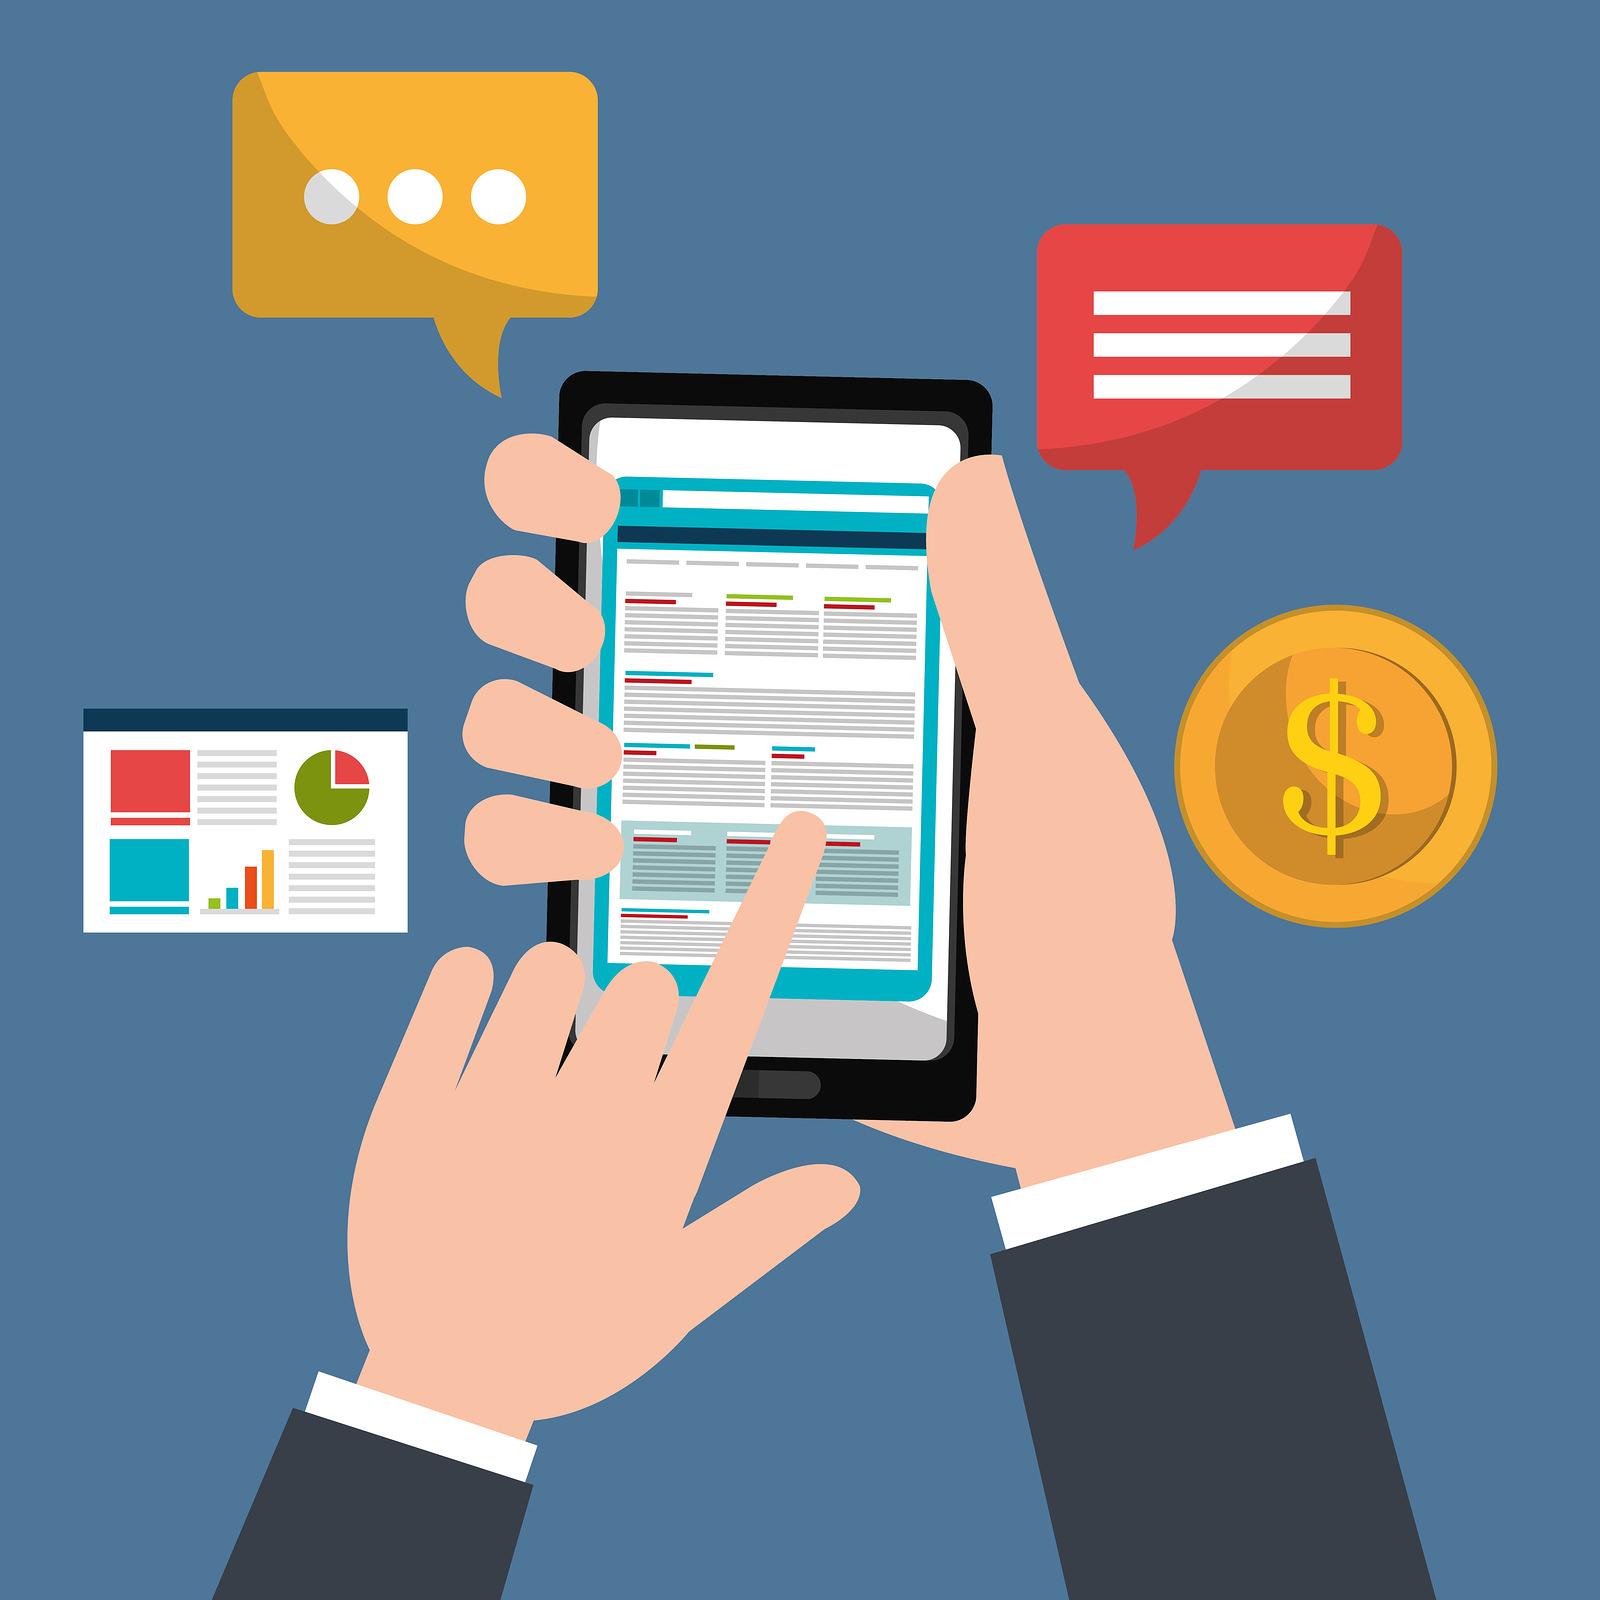 Header Bidding Mobile Environment